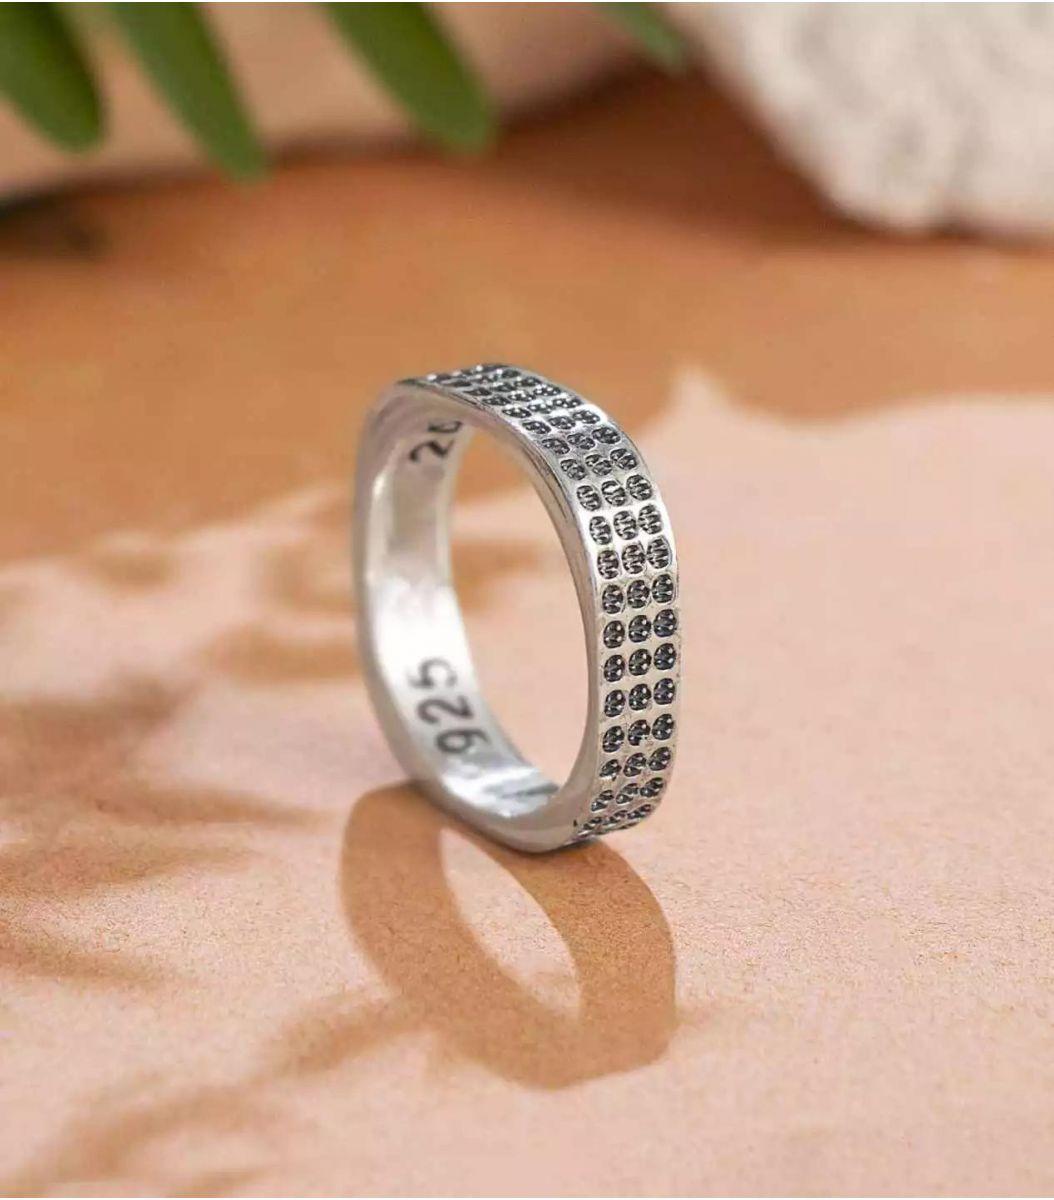 Silver Thumb Ring FJ1667819